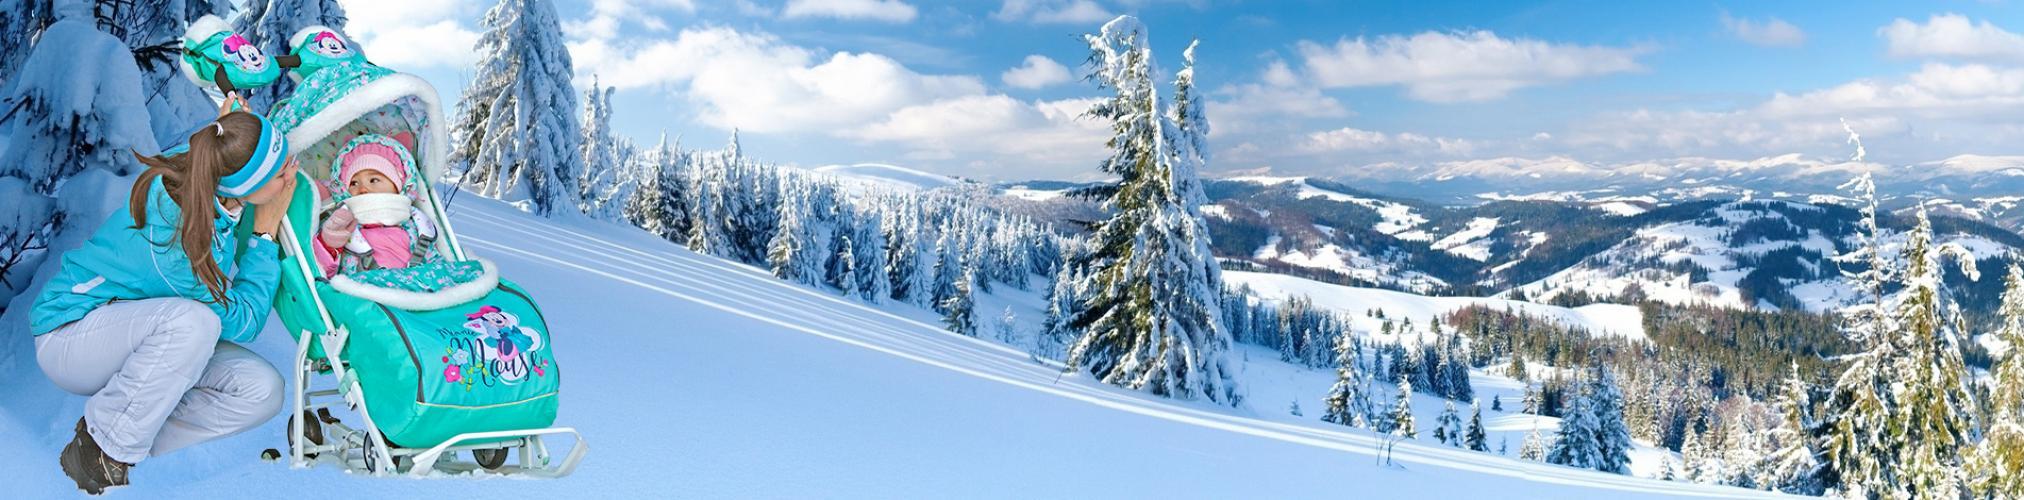 Make choice of sled stroller